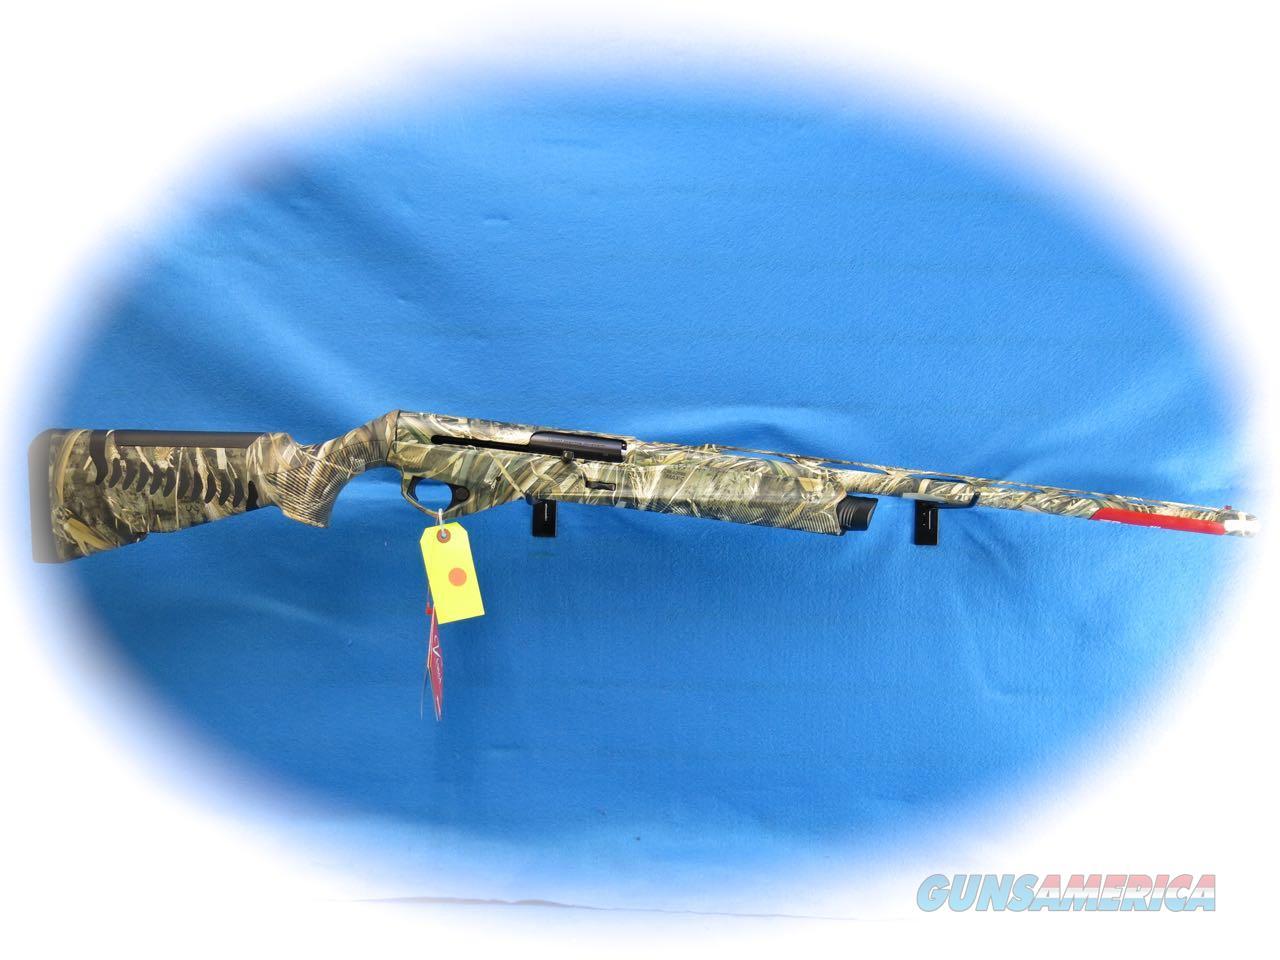 **SALE!!** Benelli Super Vinci 12 Ga. Semi Auto Shotgun Max-5 Camo #10575  Guns > Shotguns > Benelli Shotguns > Sporting